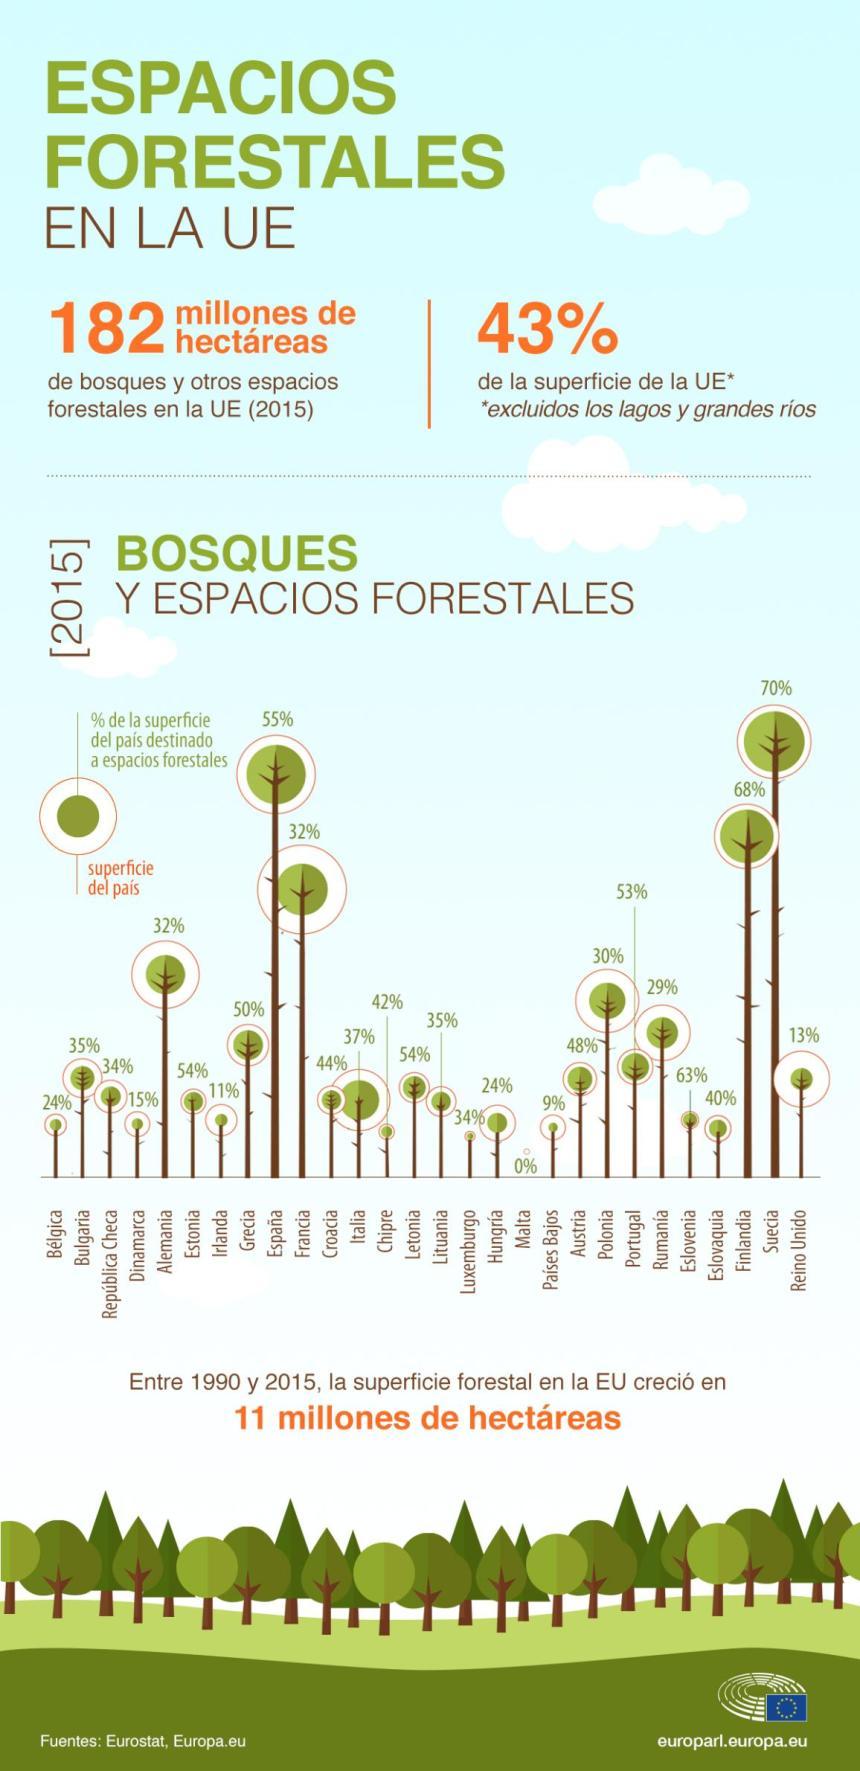 Espacios forestales en la Unión Europea